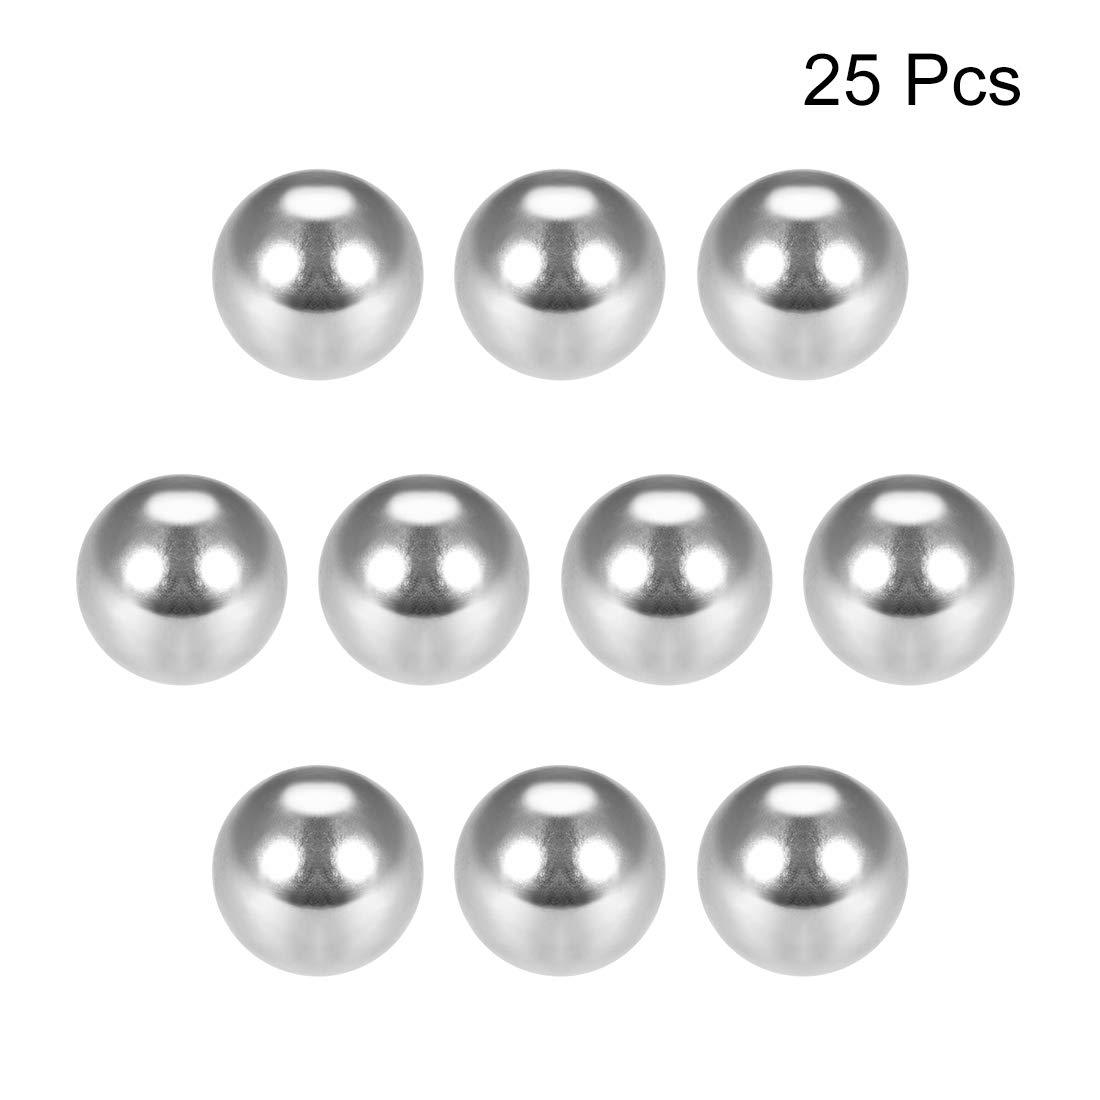 Sourcing Map G25 Roulement /à billes de pr/écision en acier chrom/é 100pcs 1mm